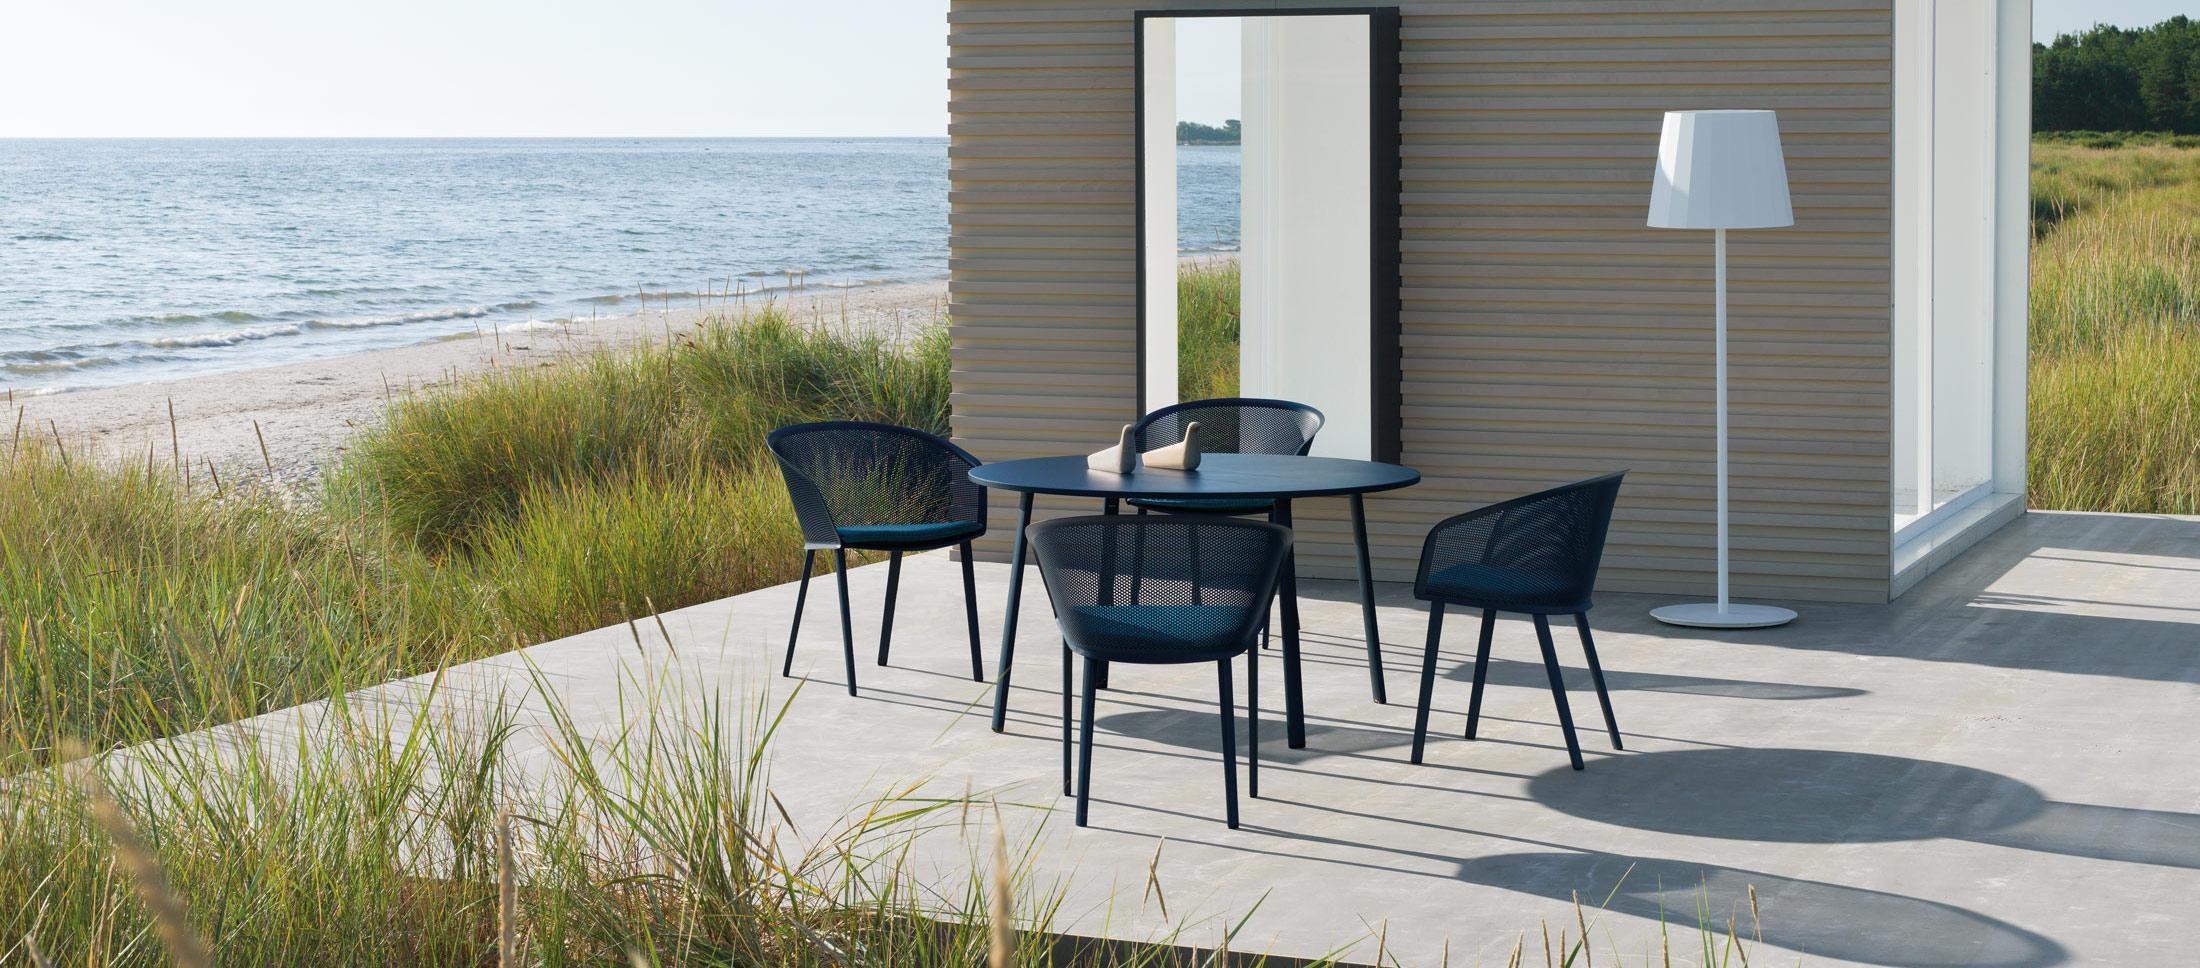 conjunto terraza kettal muebles mallorca